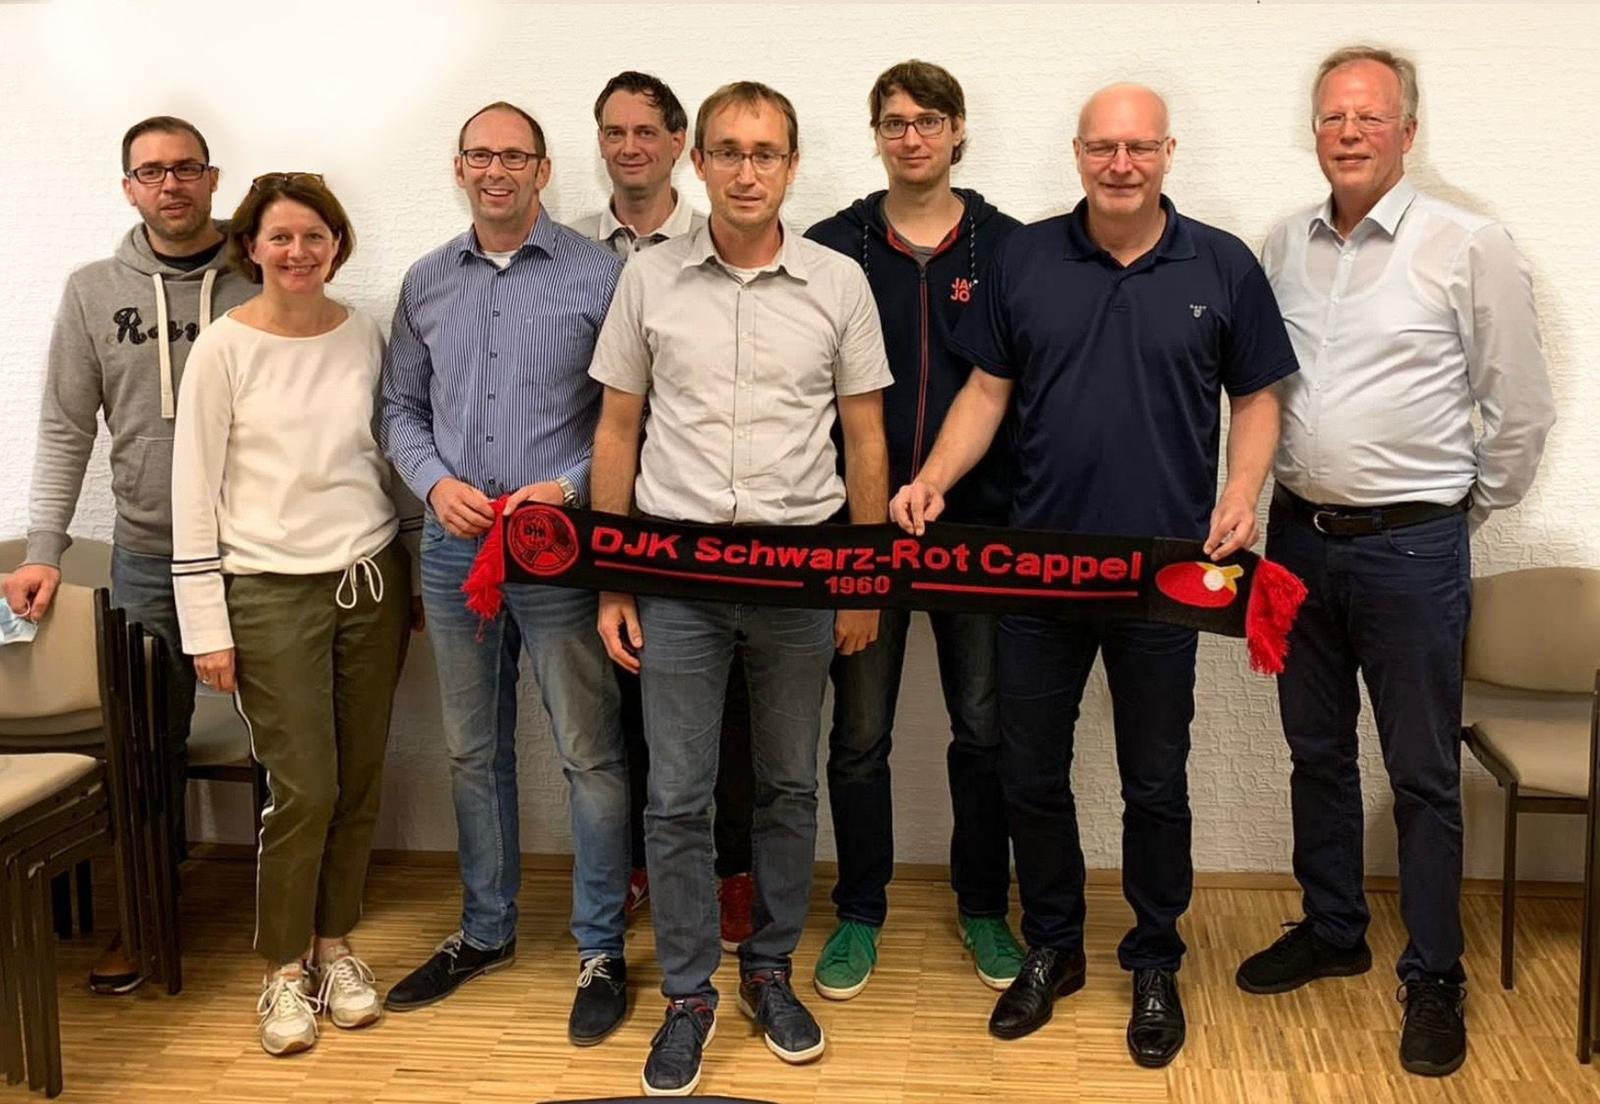 Lopez, Schultza, Kemper, Weddemann, neuer 1. Vorsitzender Marticke, Eisenbrecher, Cybaier, Damerow